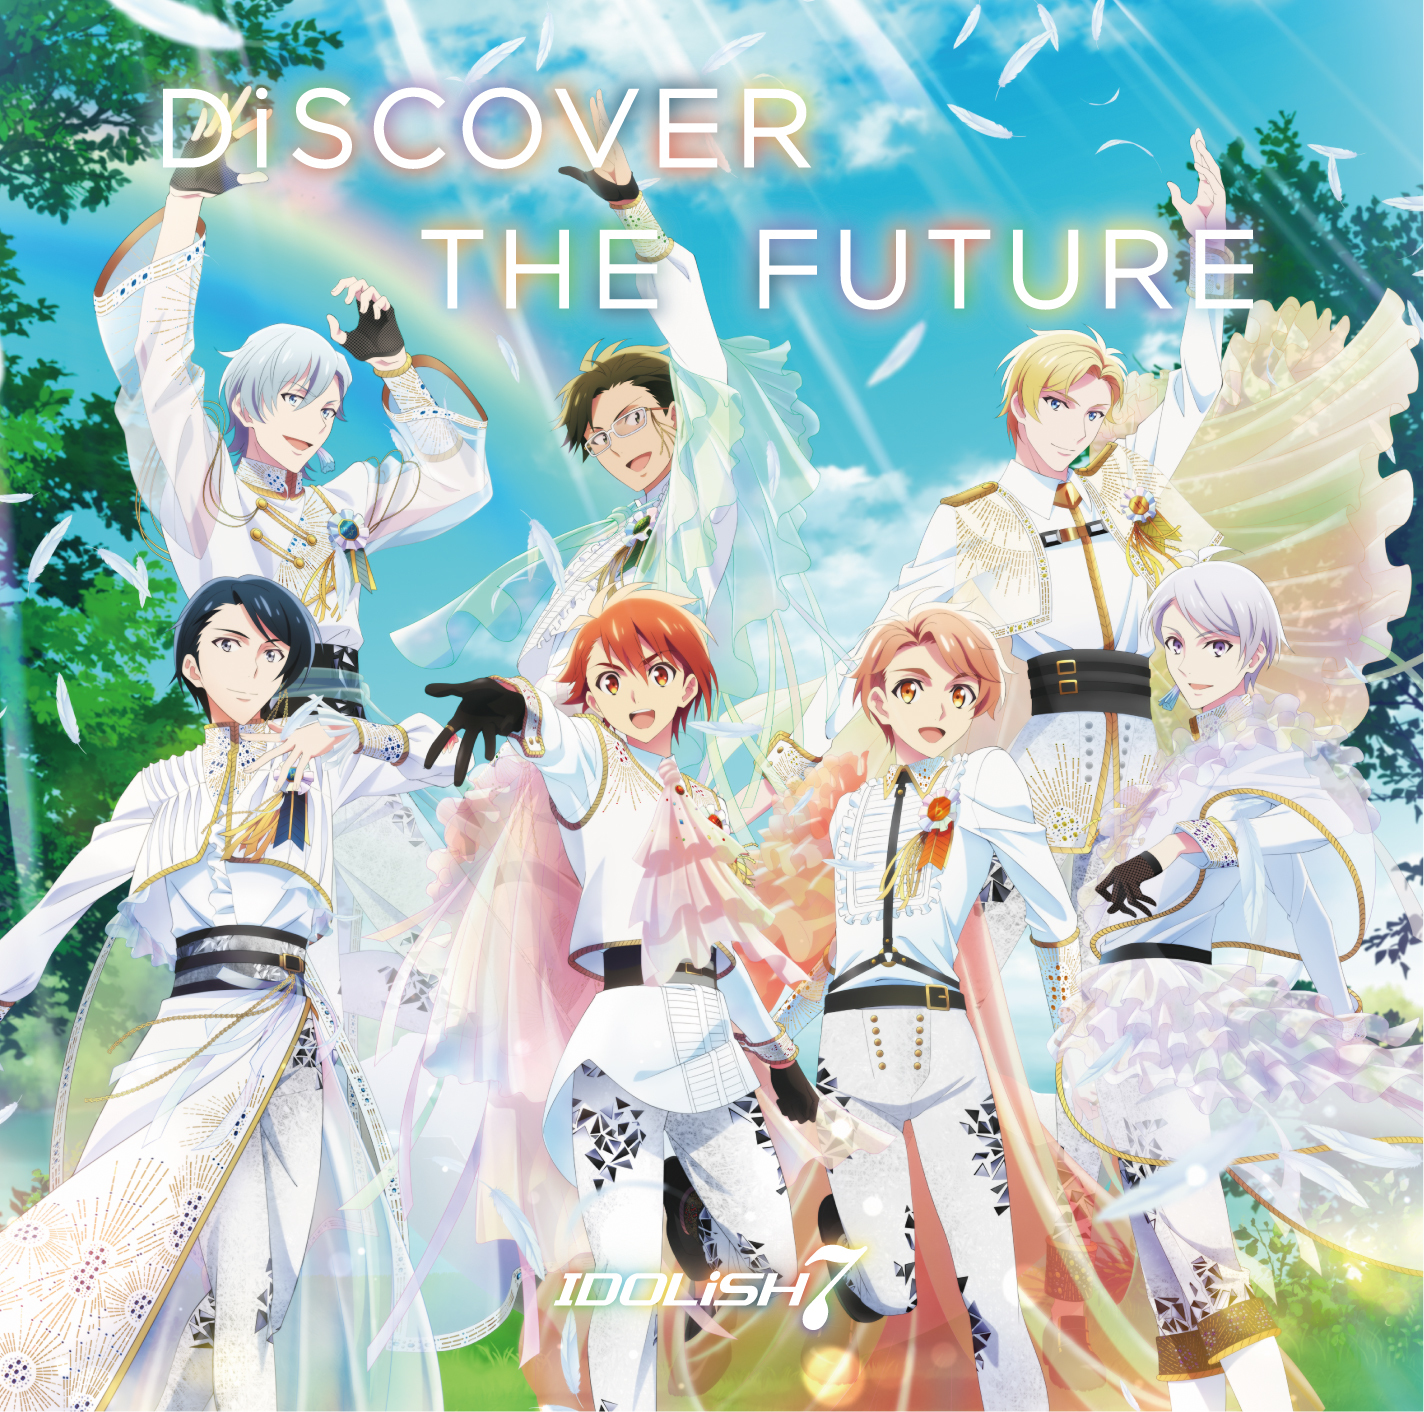 「DiSCOVER THE FUTURE」ジャケット写真